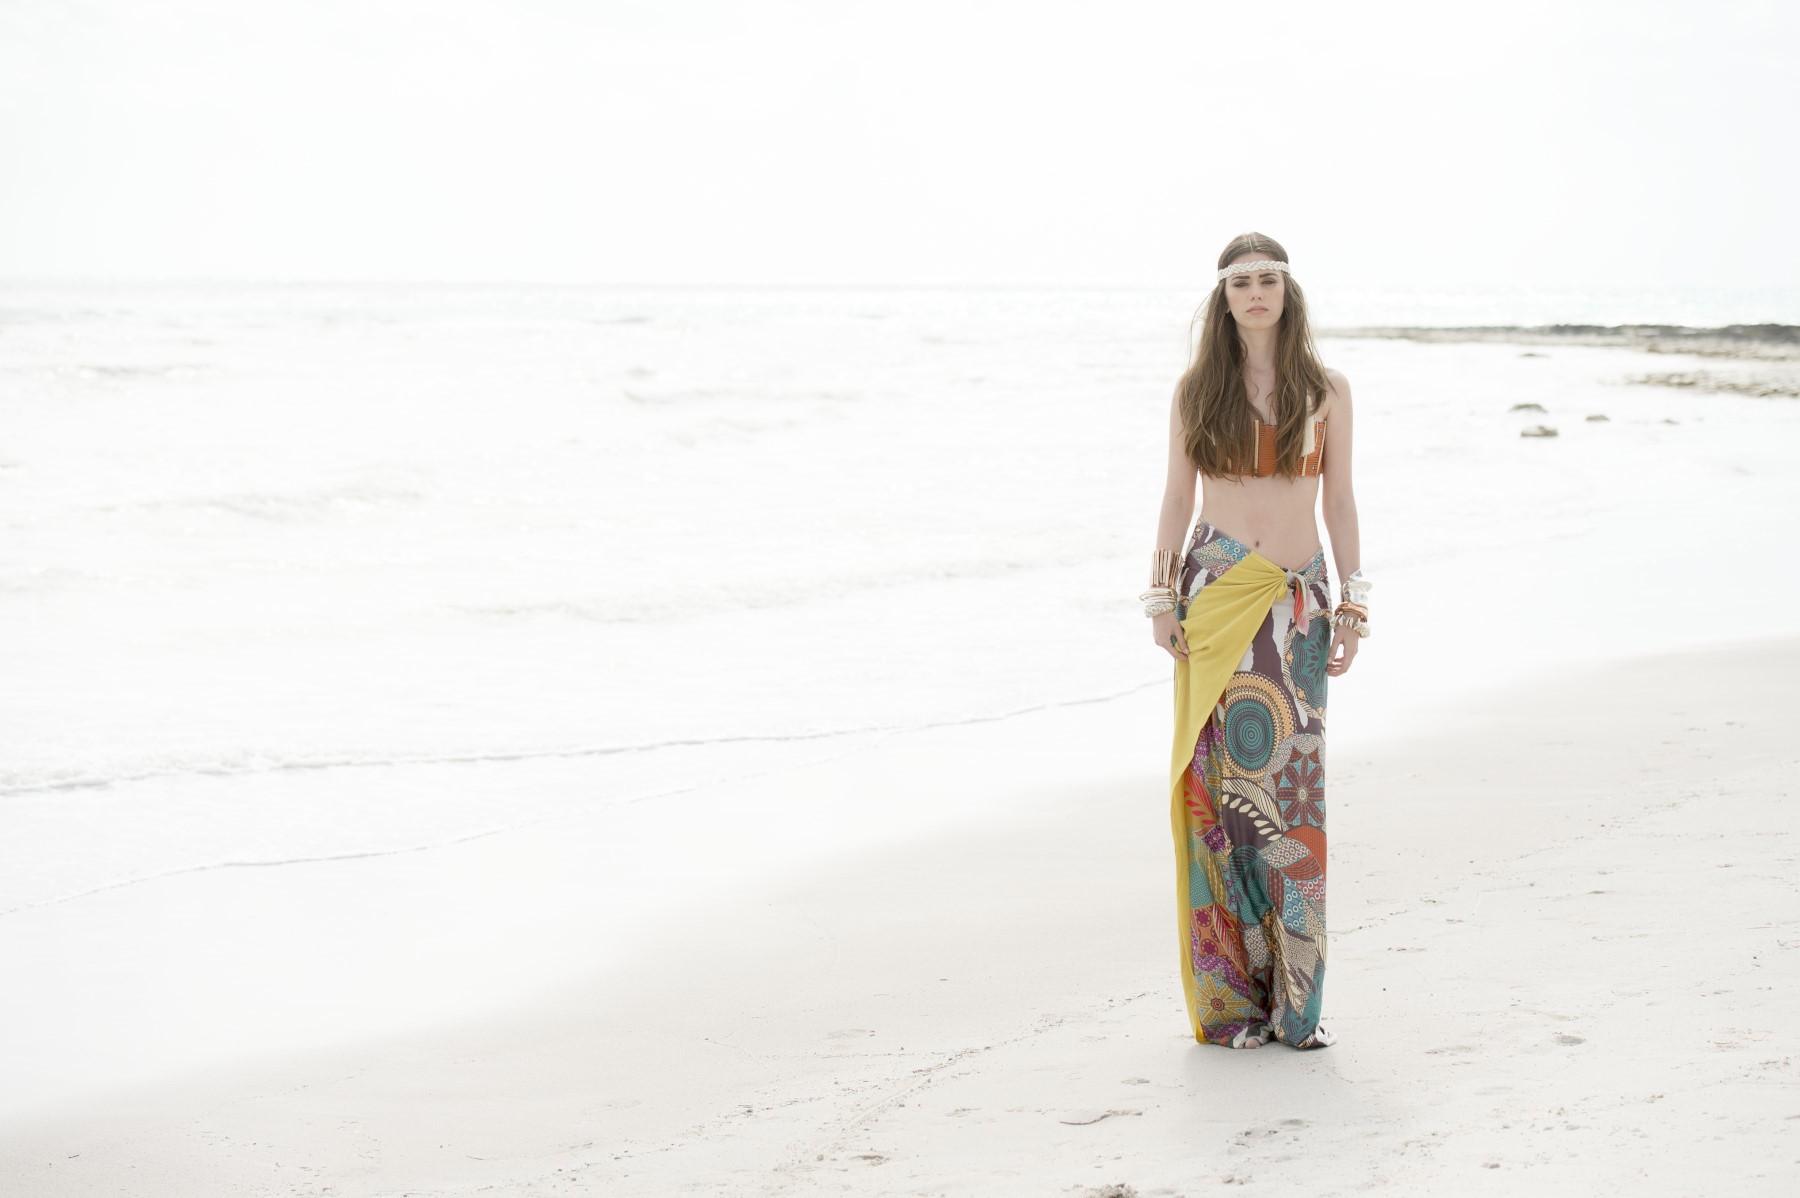 ROP70_064_editoriale Fashion/Adv